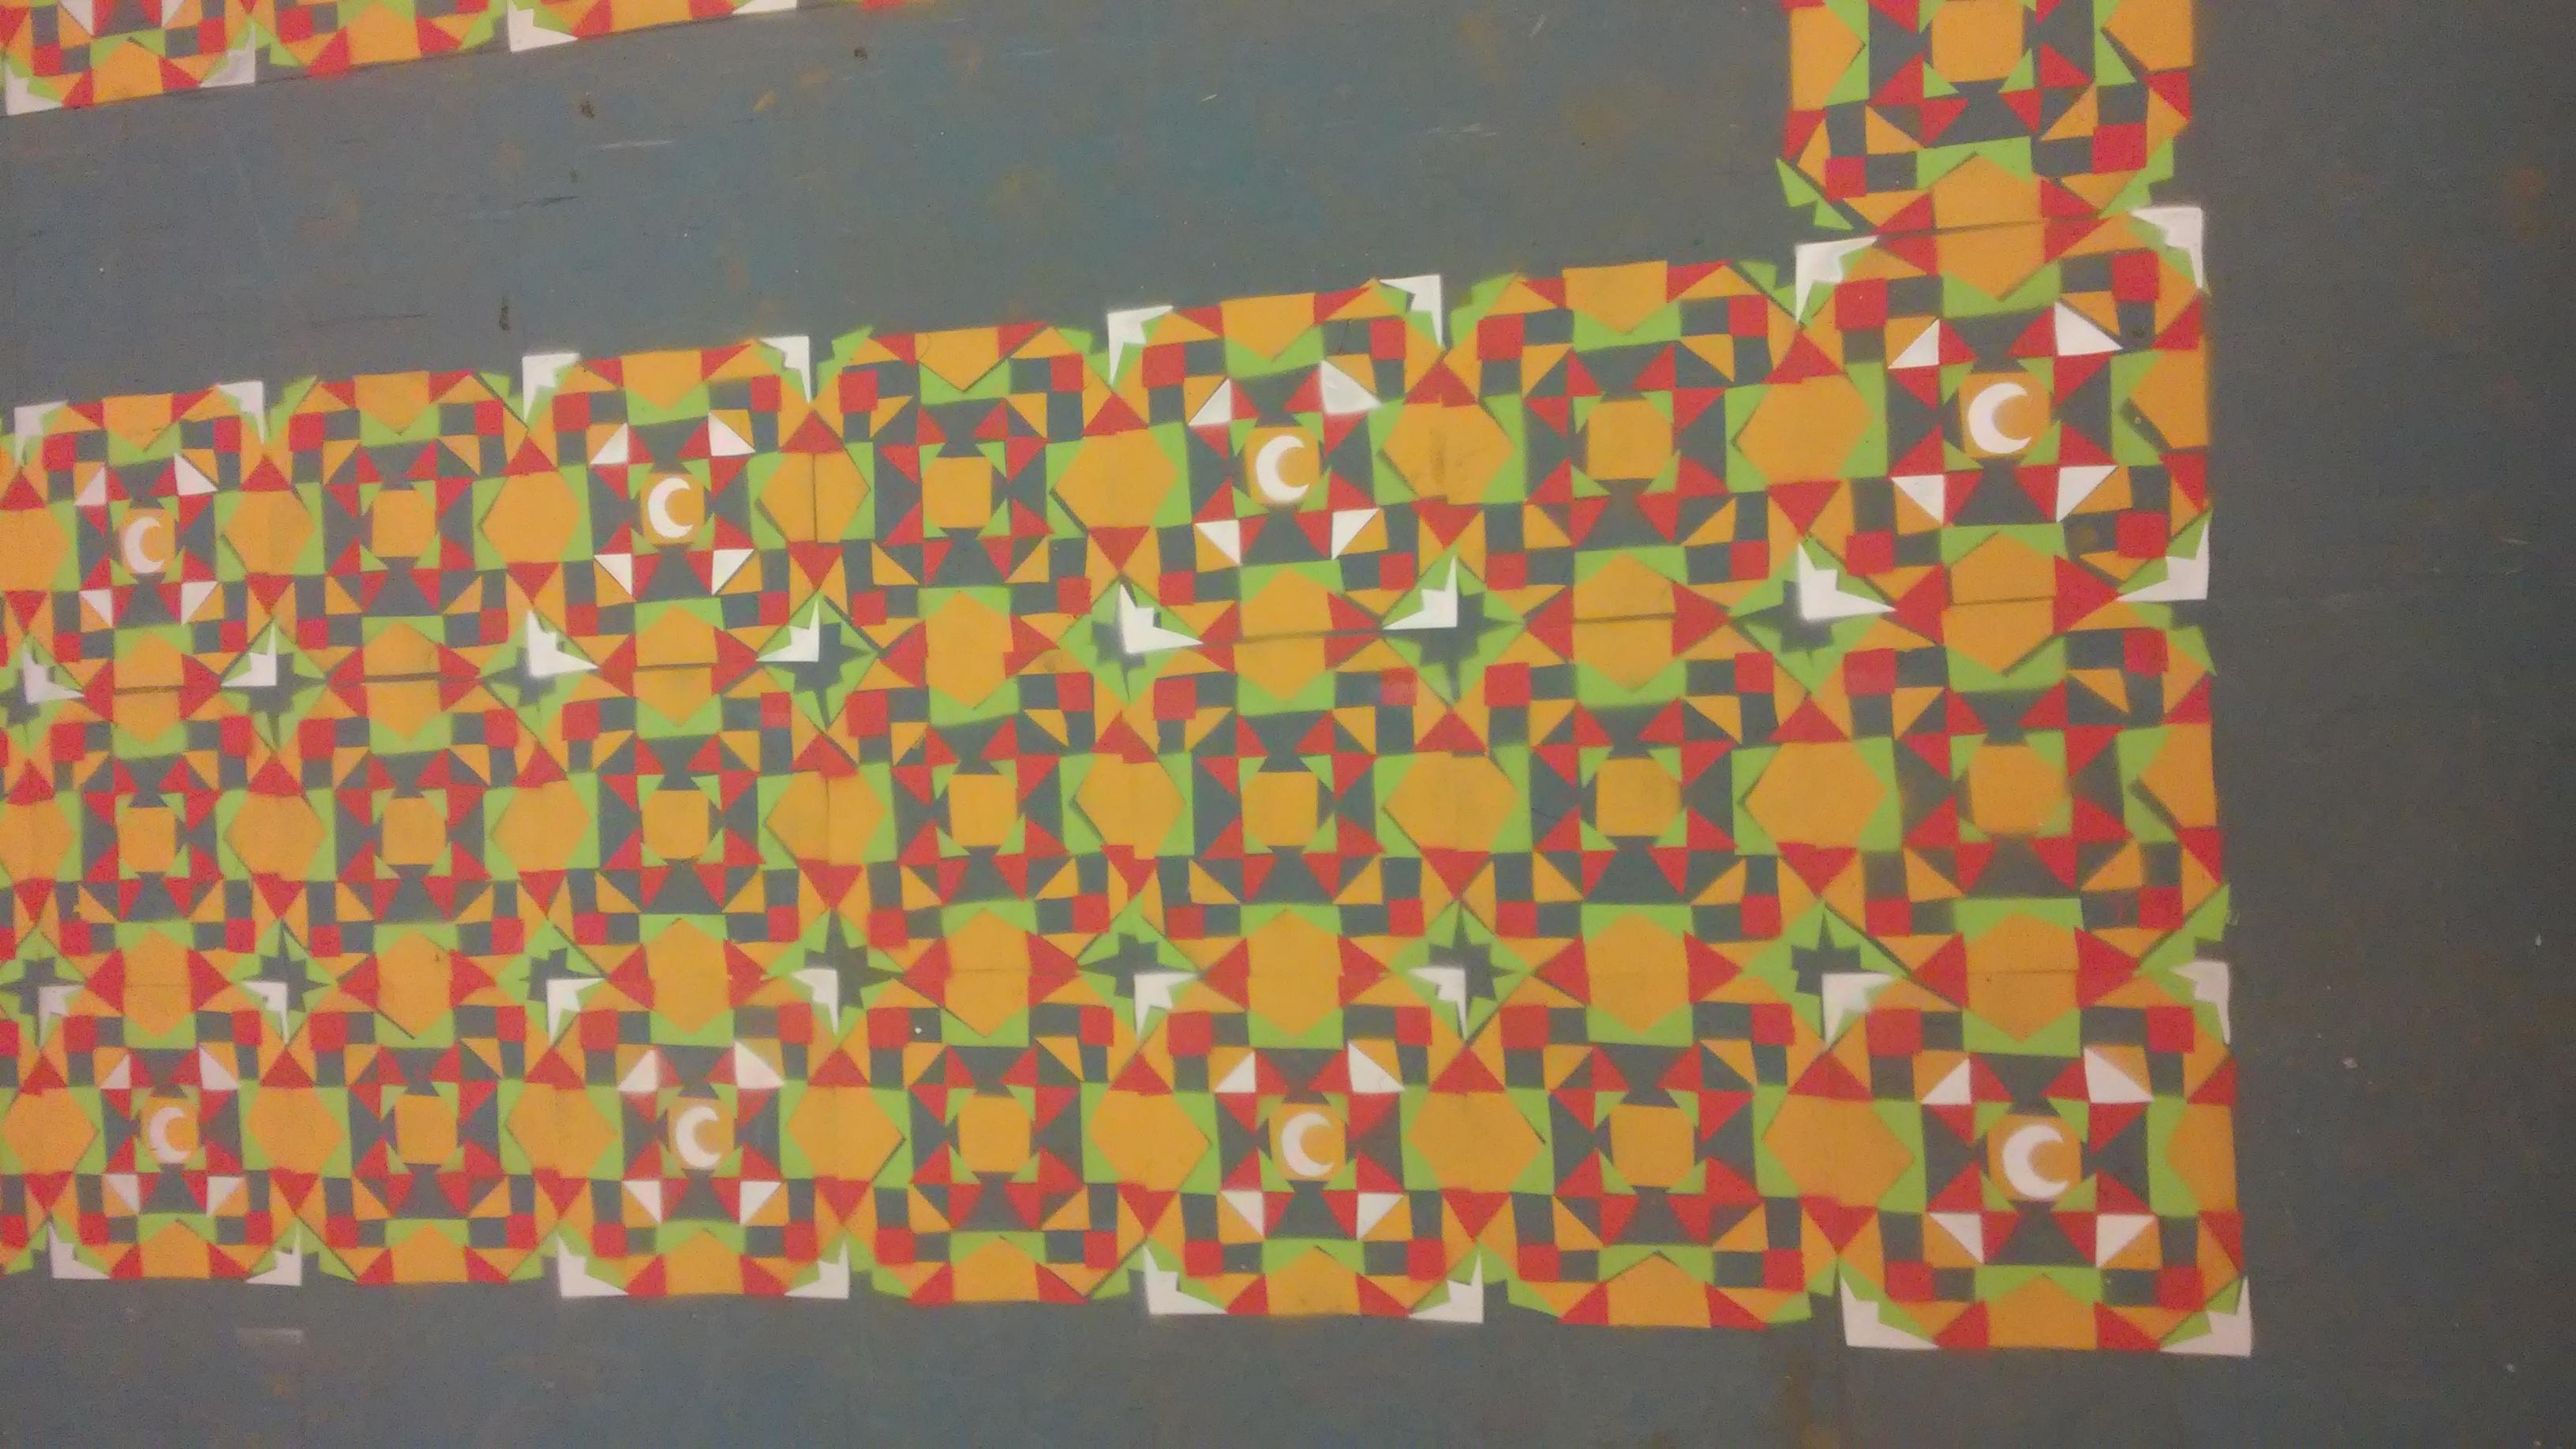 שטיח פיקסל (6)